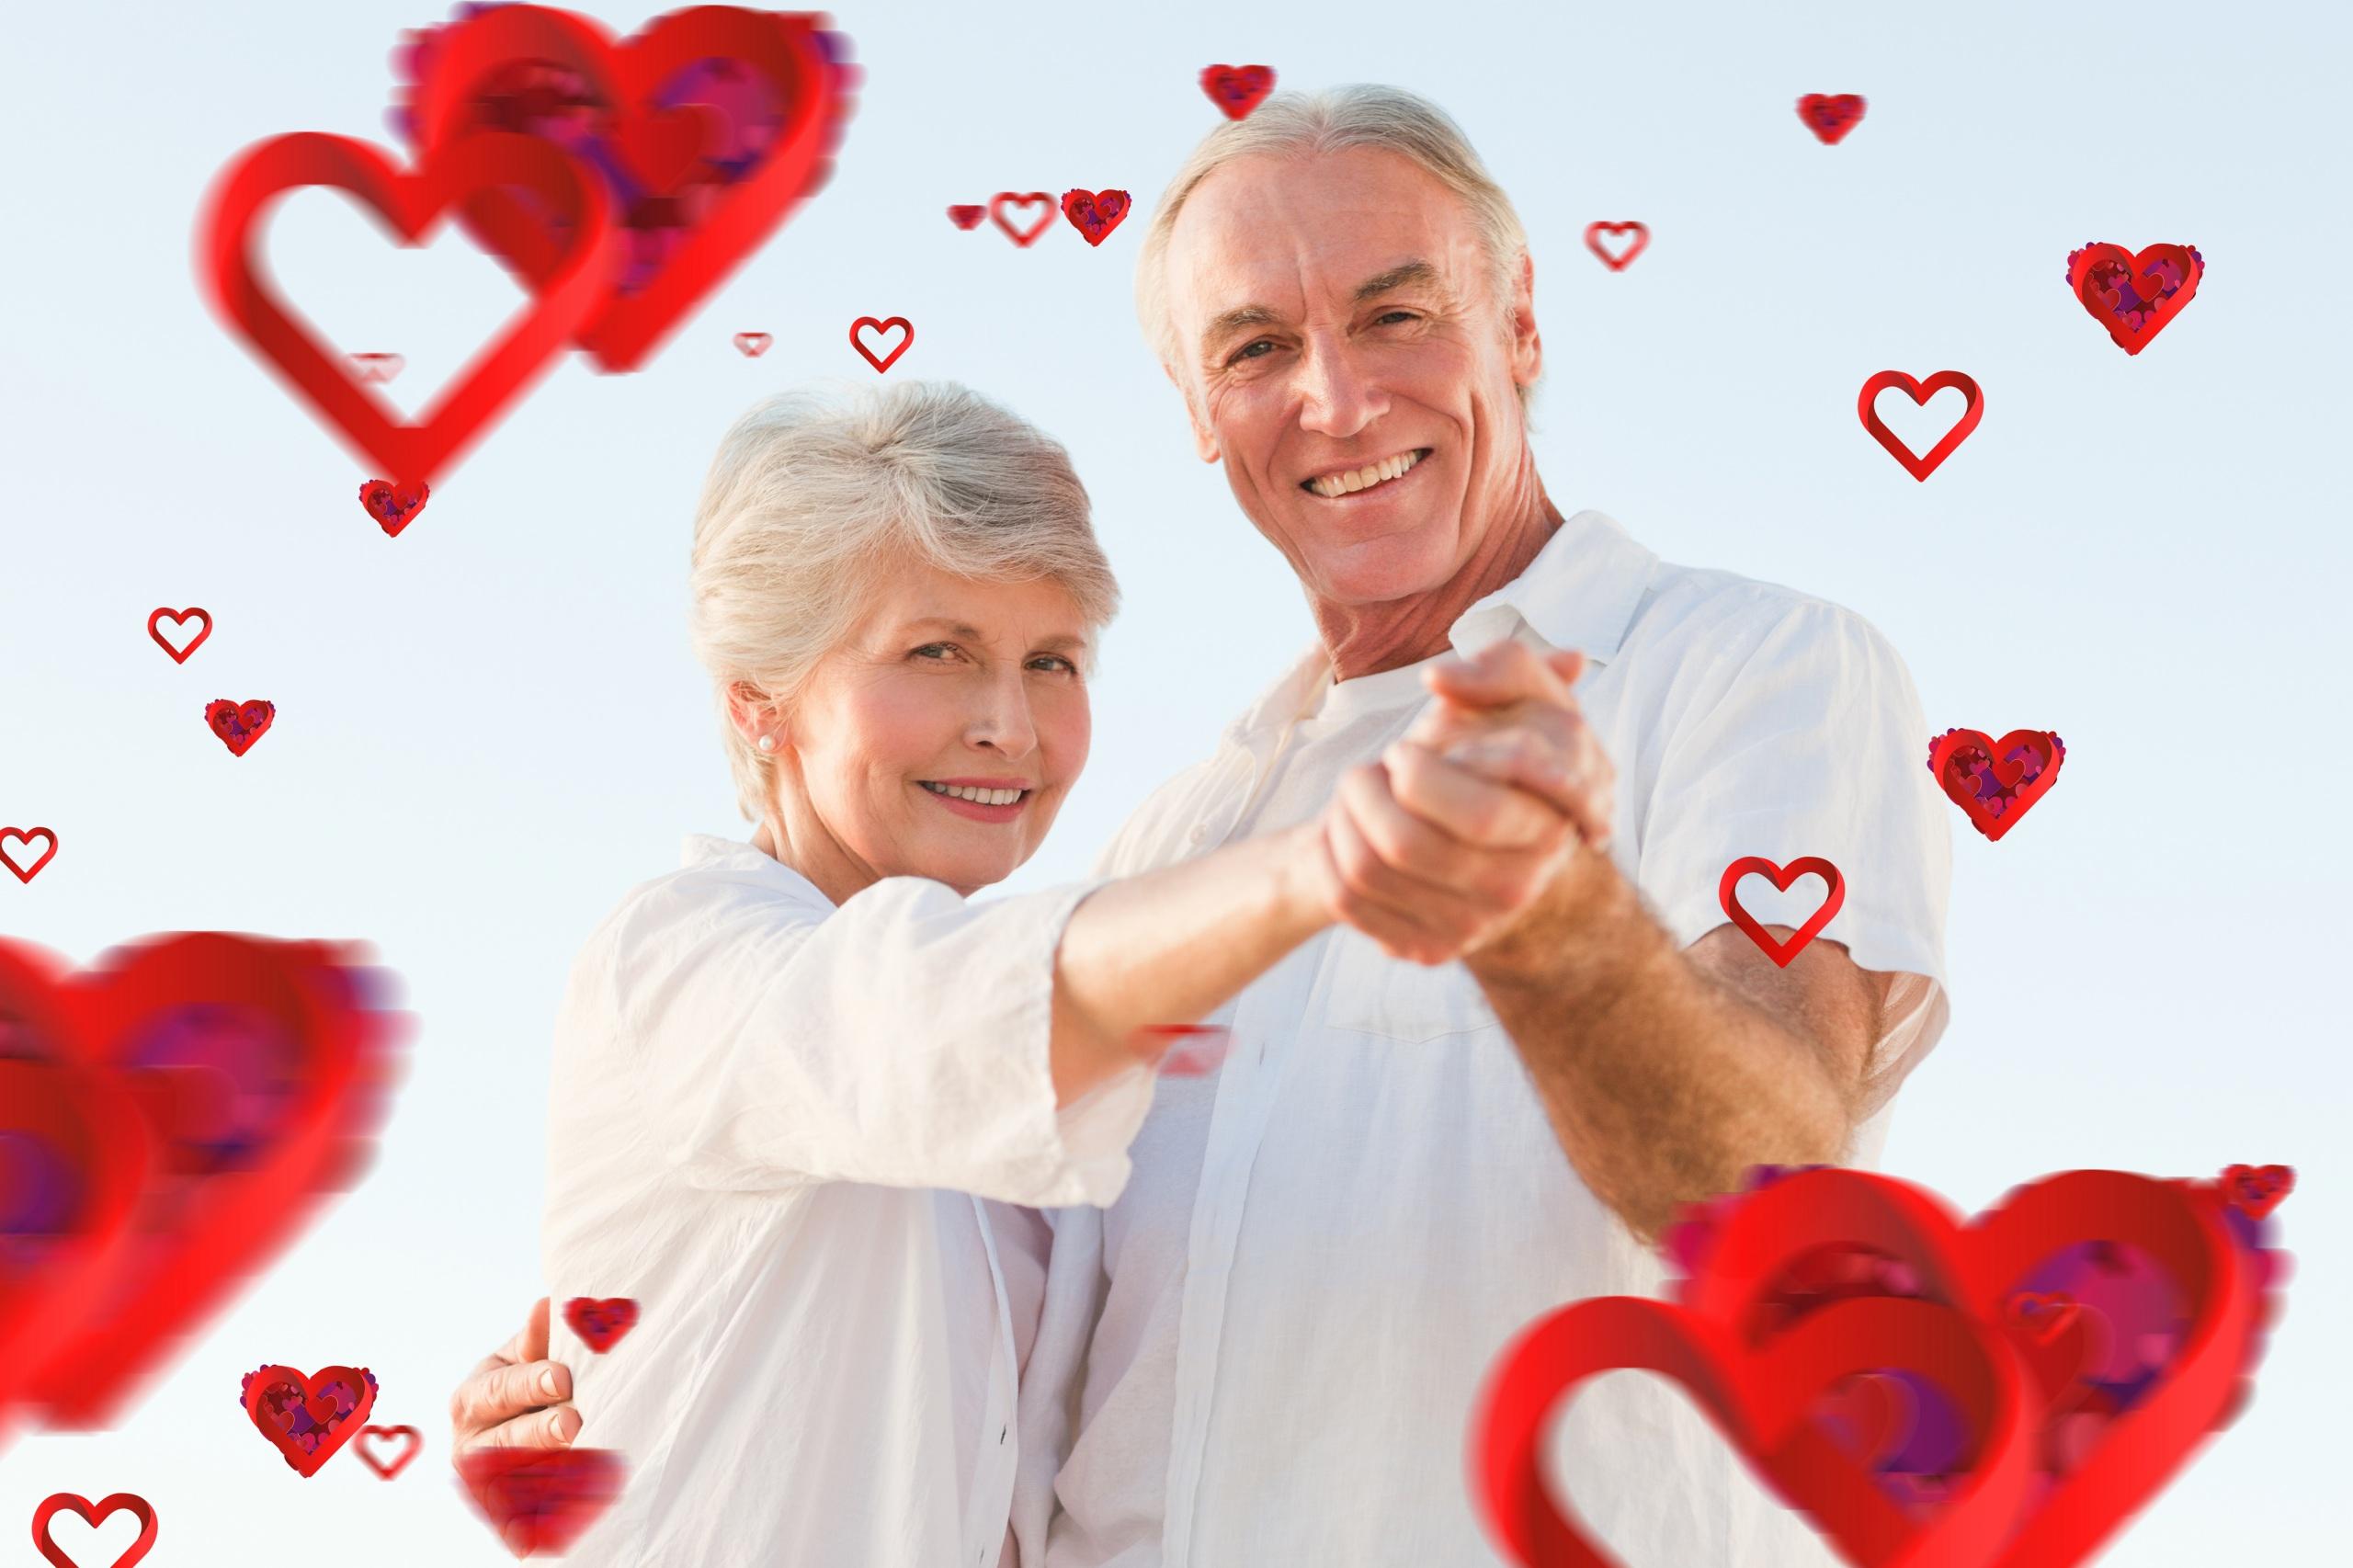 Картинки сердечко День святого Валентина Мужчины вдвоем улыбается woman Любовь Серый фон Женщина 2560x1706 серце сердца Сердце День всех влюблённых 2 две два Двое Улыбка сером фоне женщины